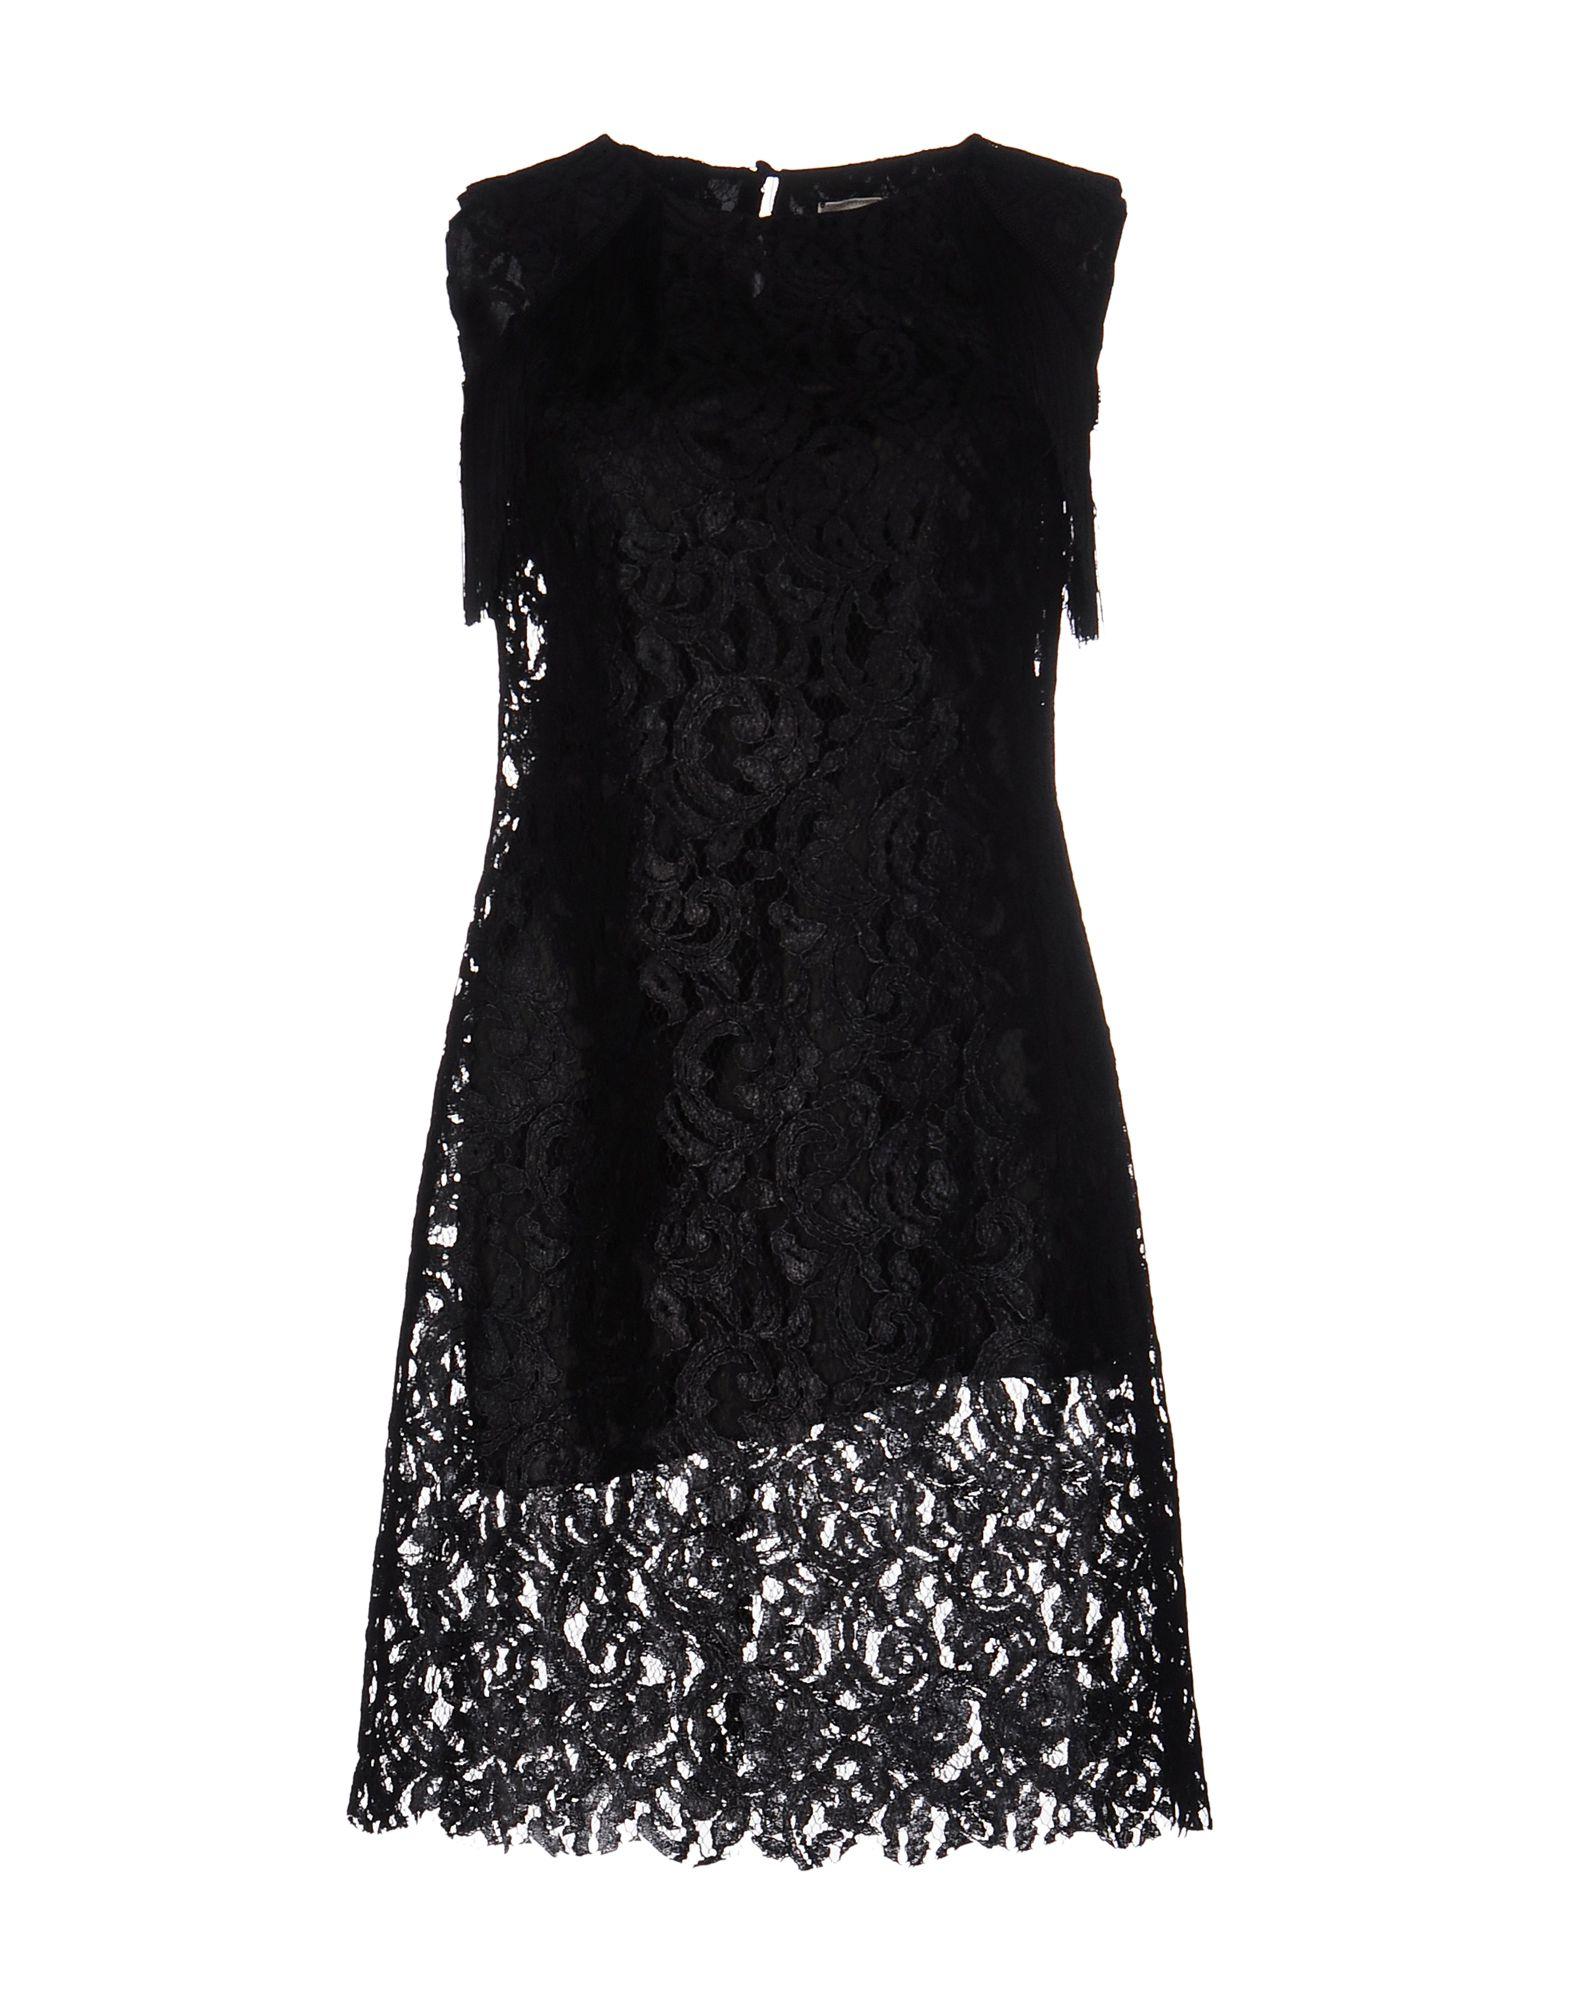 Valerie Kurzes Kleid Damen - Kurze Kleider Valerie auf YOOX - 34657173GU